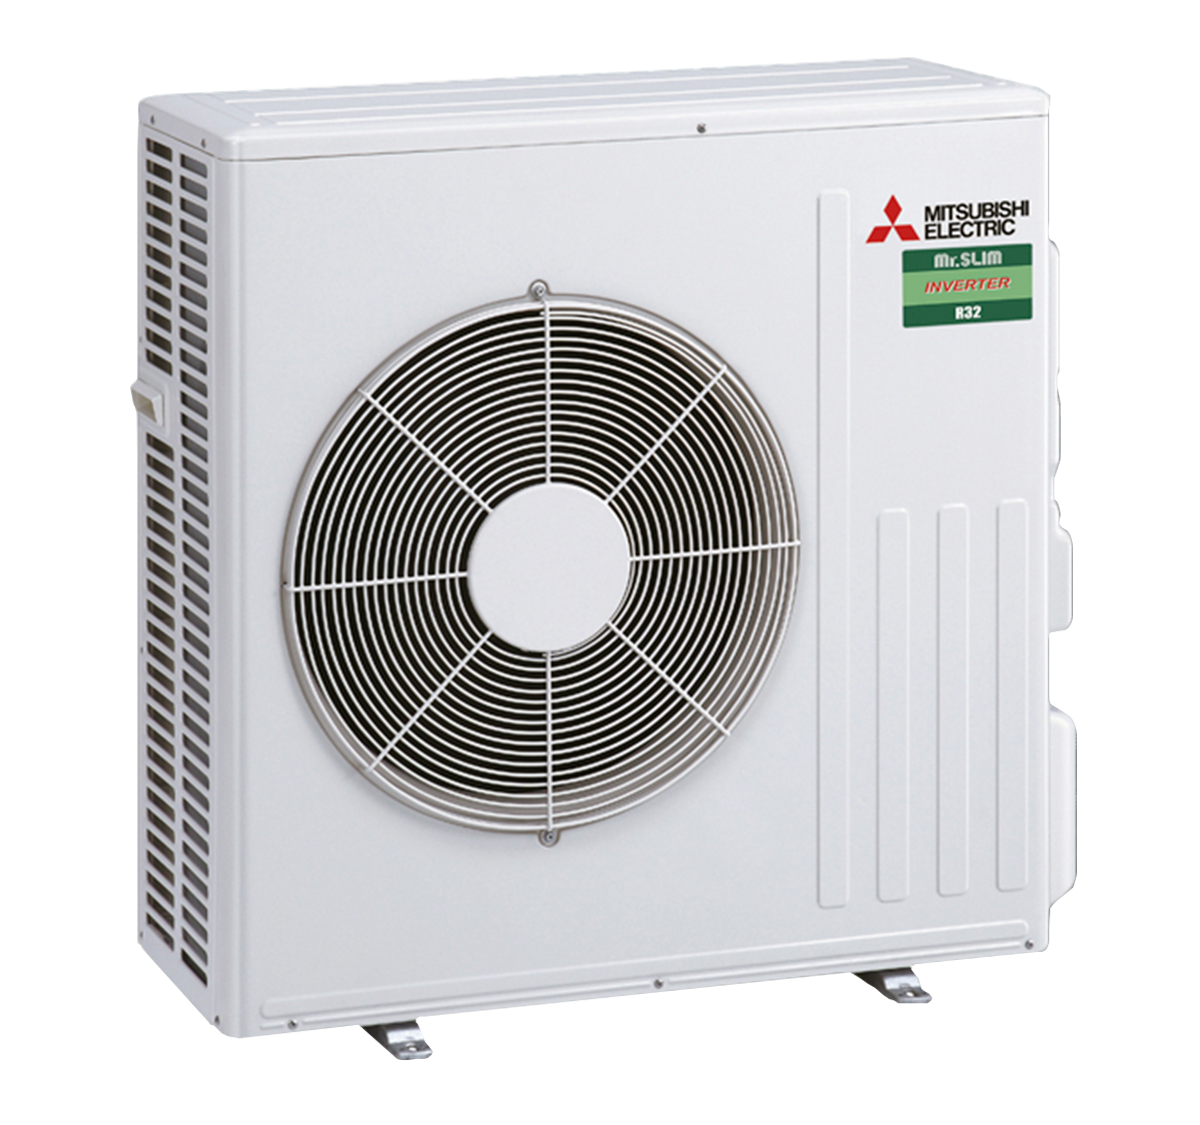 aire acondicionado conductos unidad exterior mitsubishi electric inverter suz ka71va gama mr slim modelo mspez 71vja